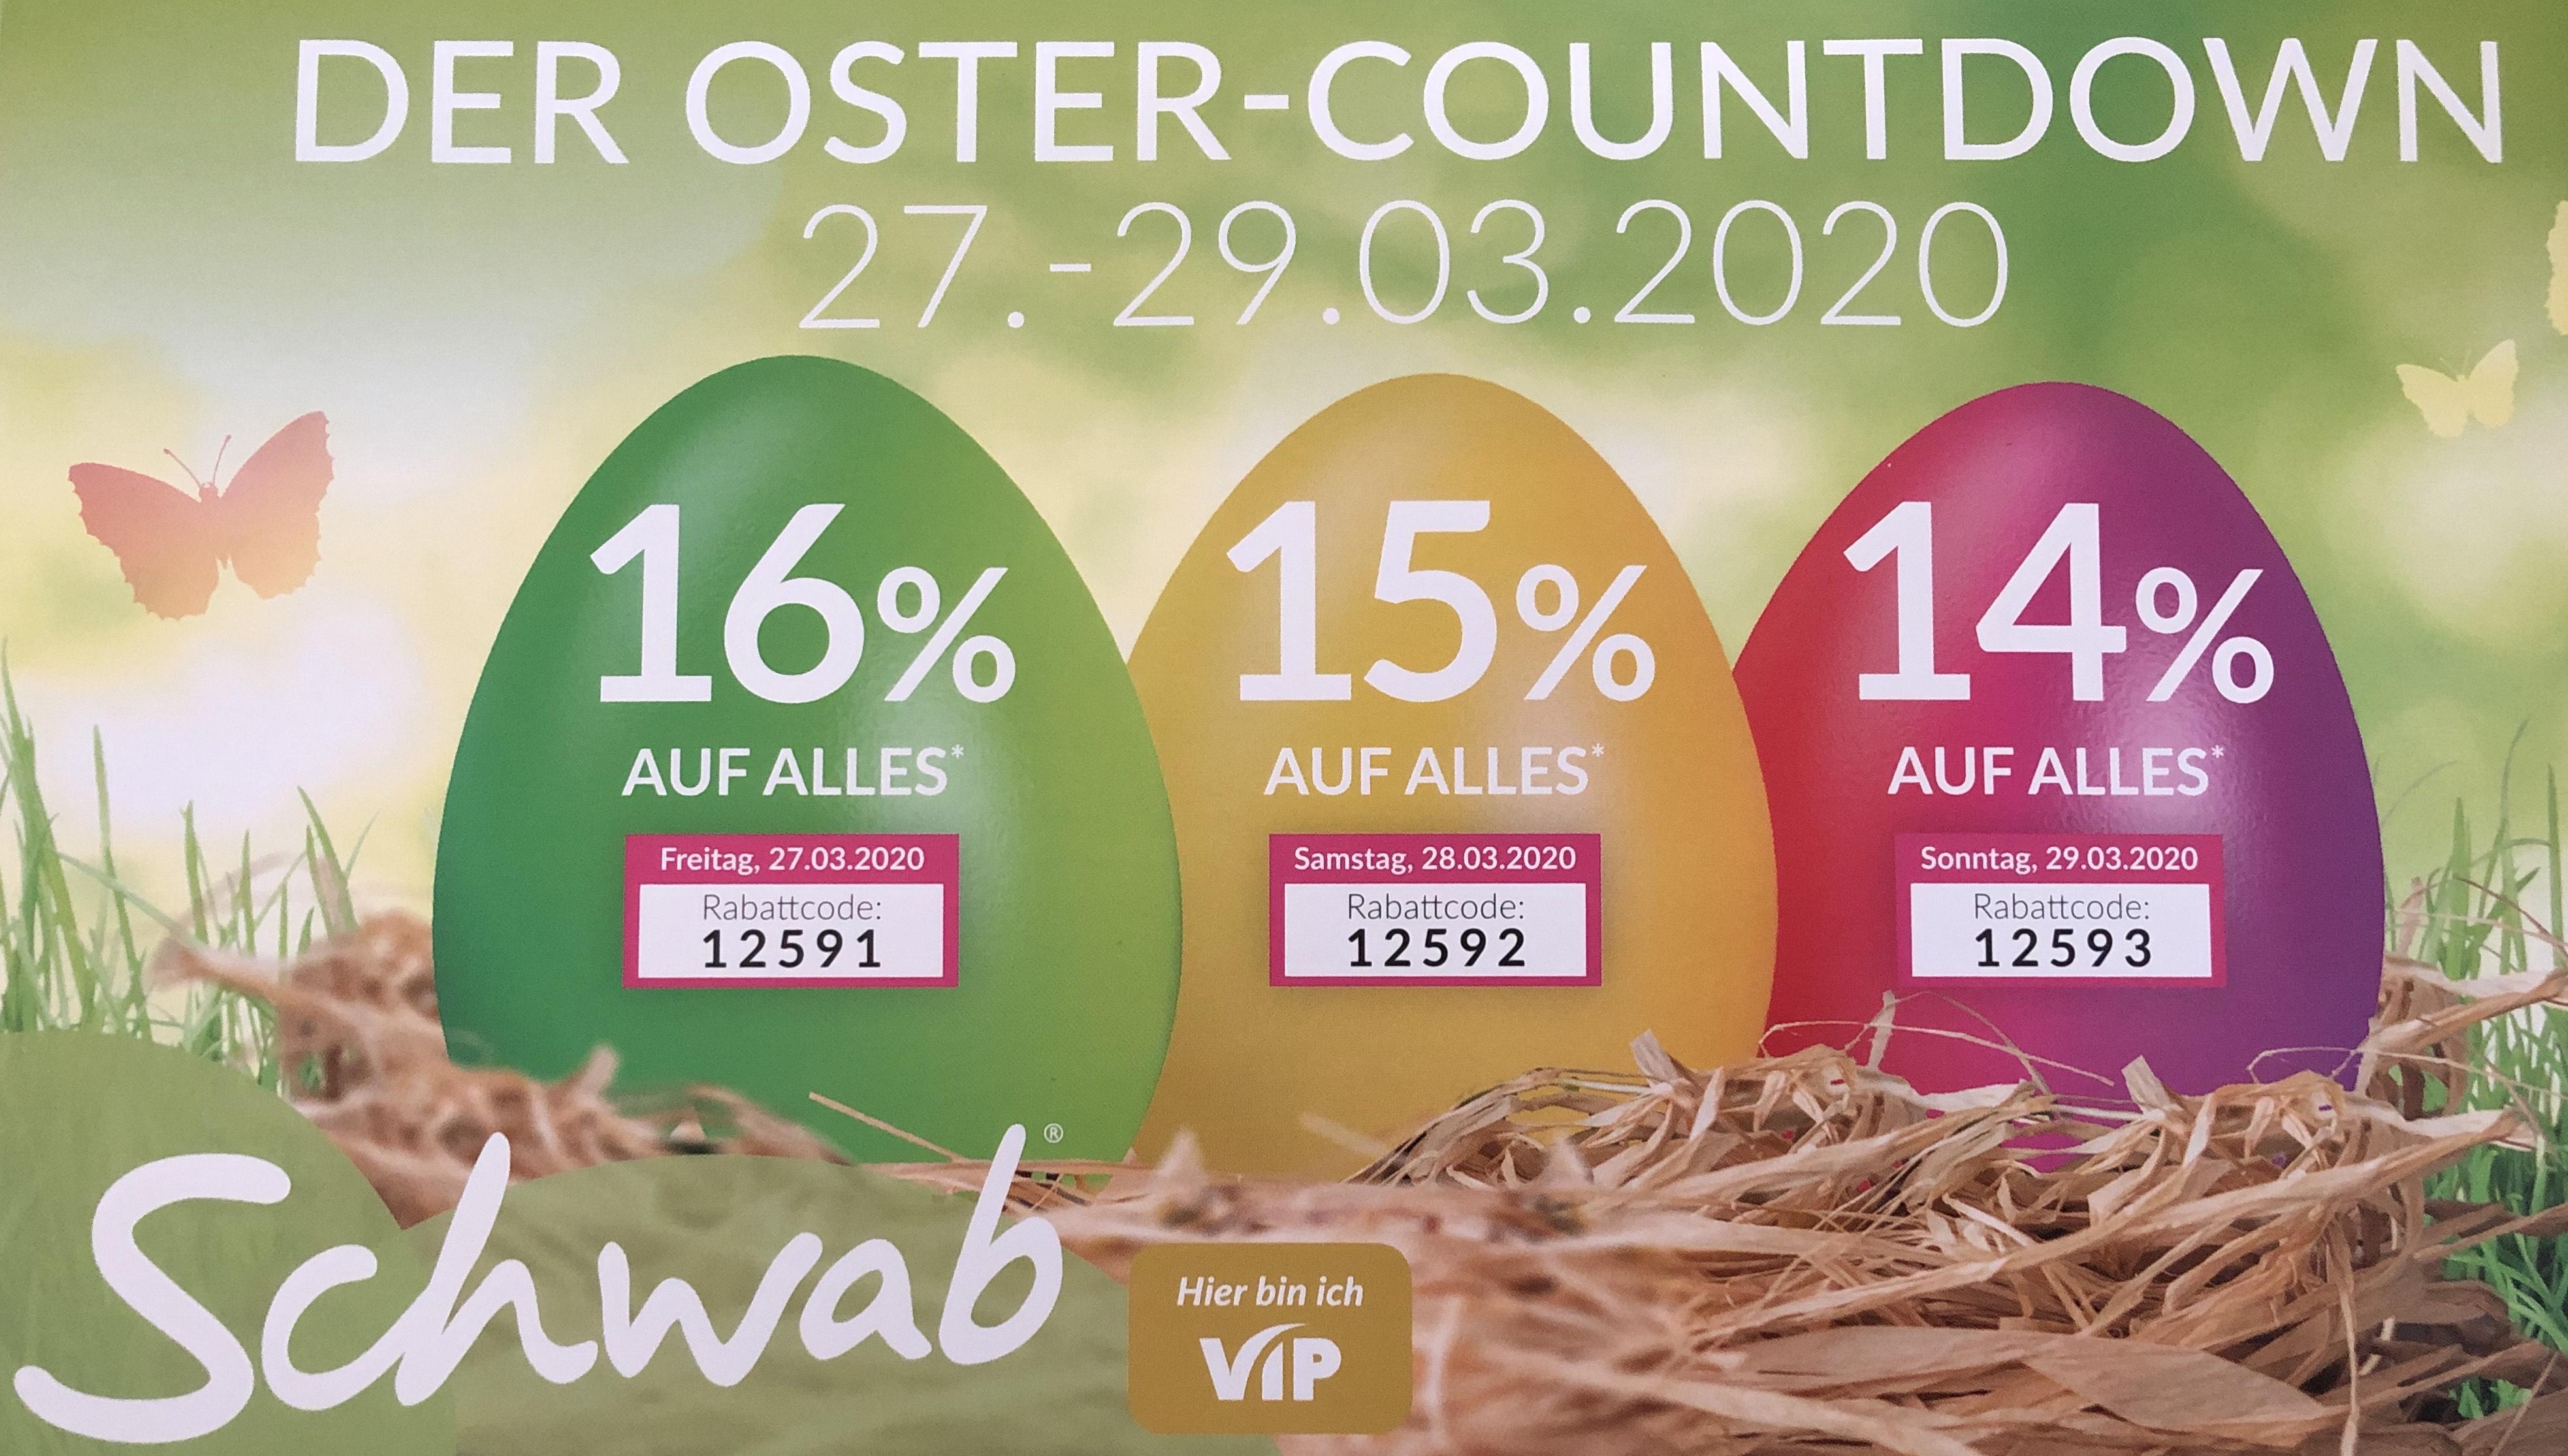 Oster-Countdown bei Schwab.de - 14-16% - 27.-29.03.20